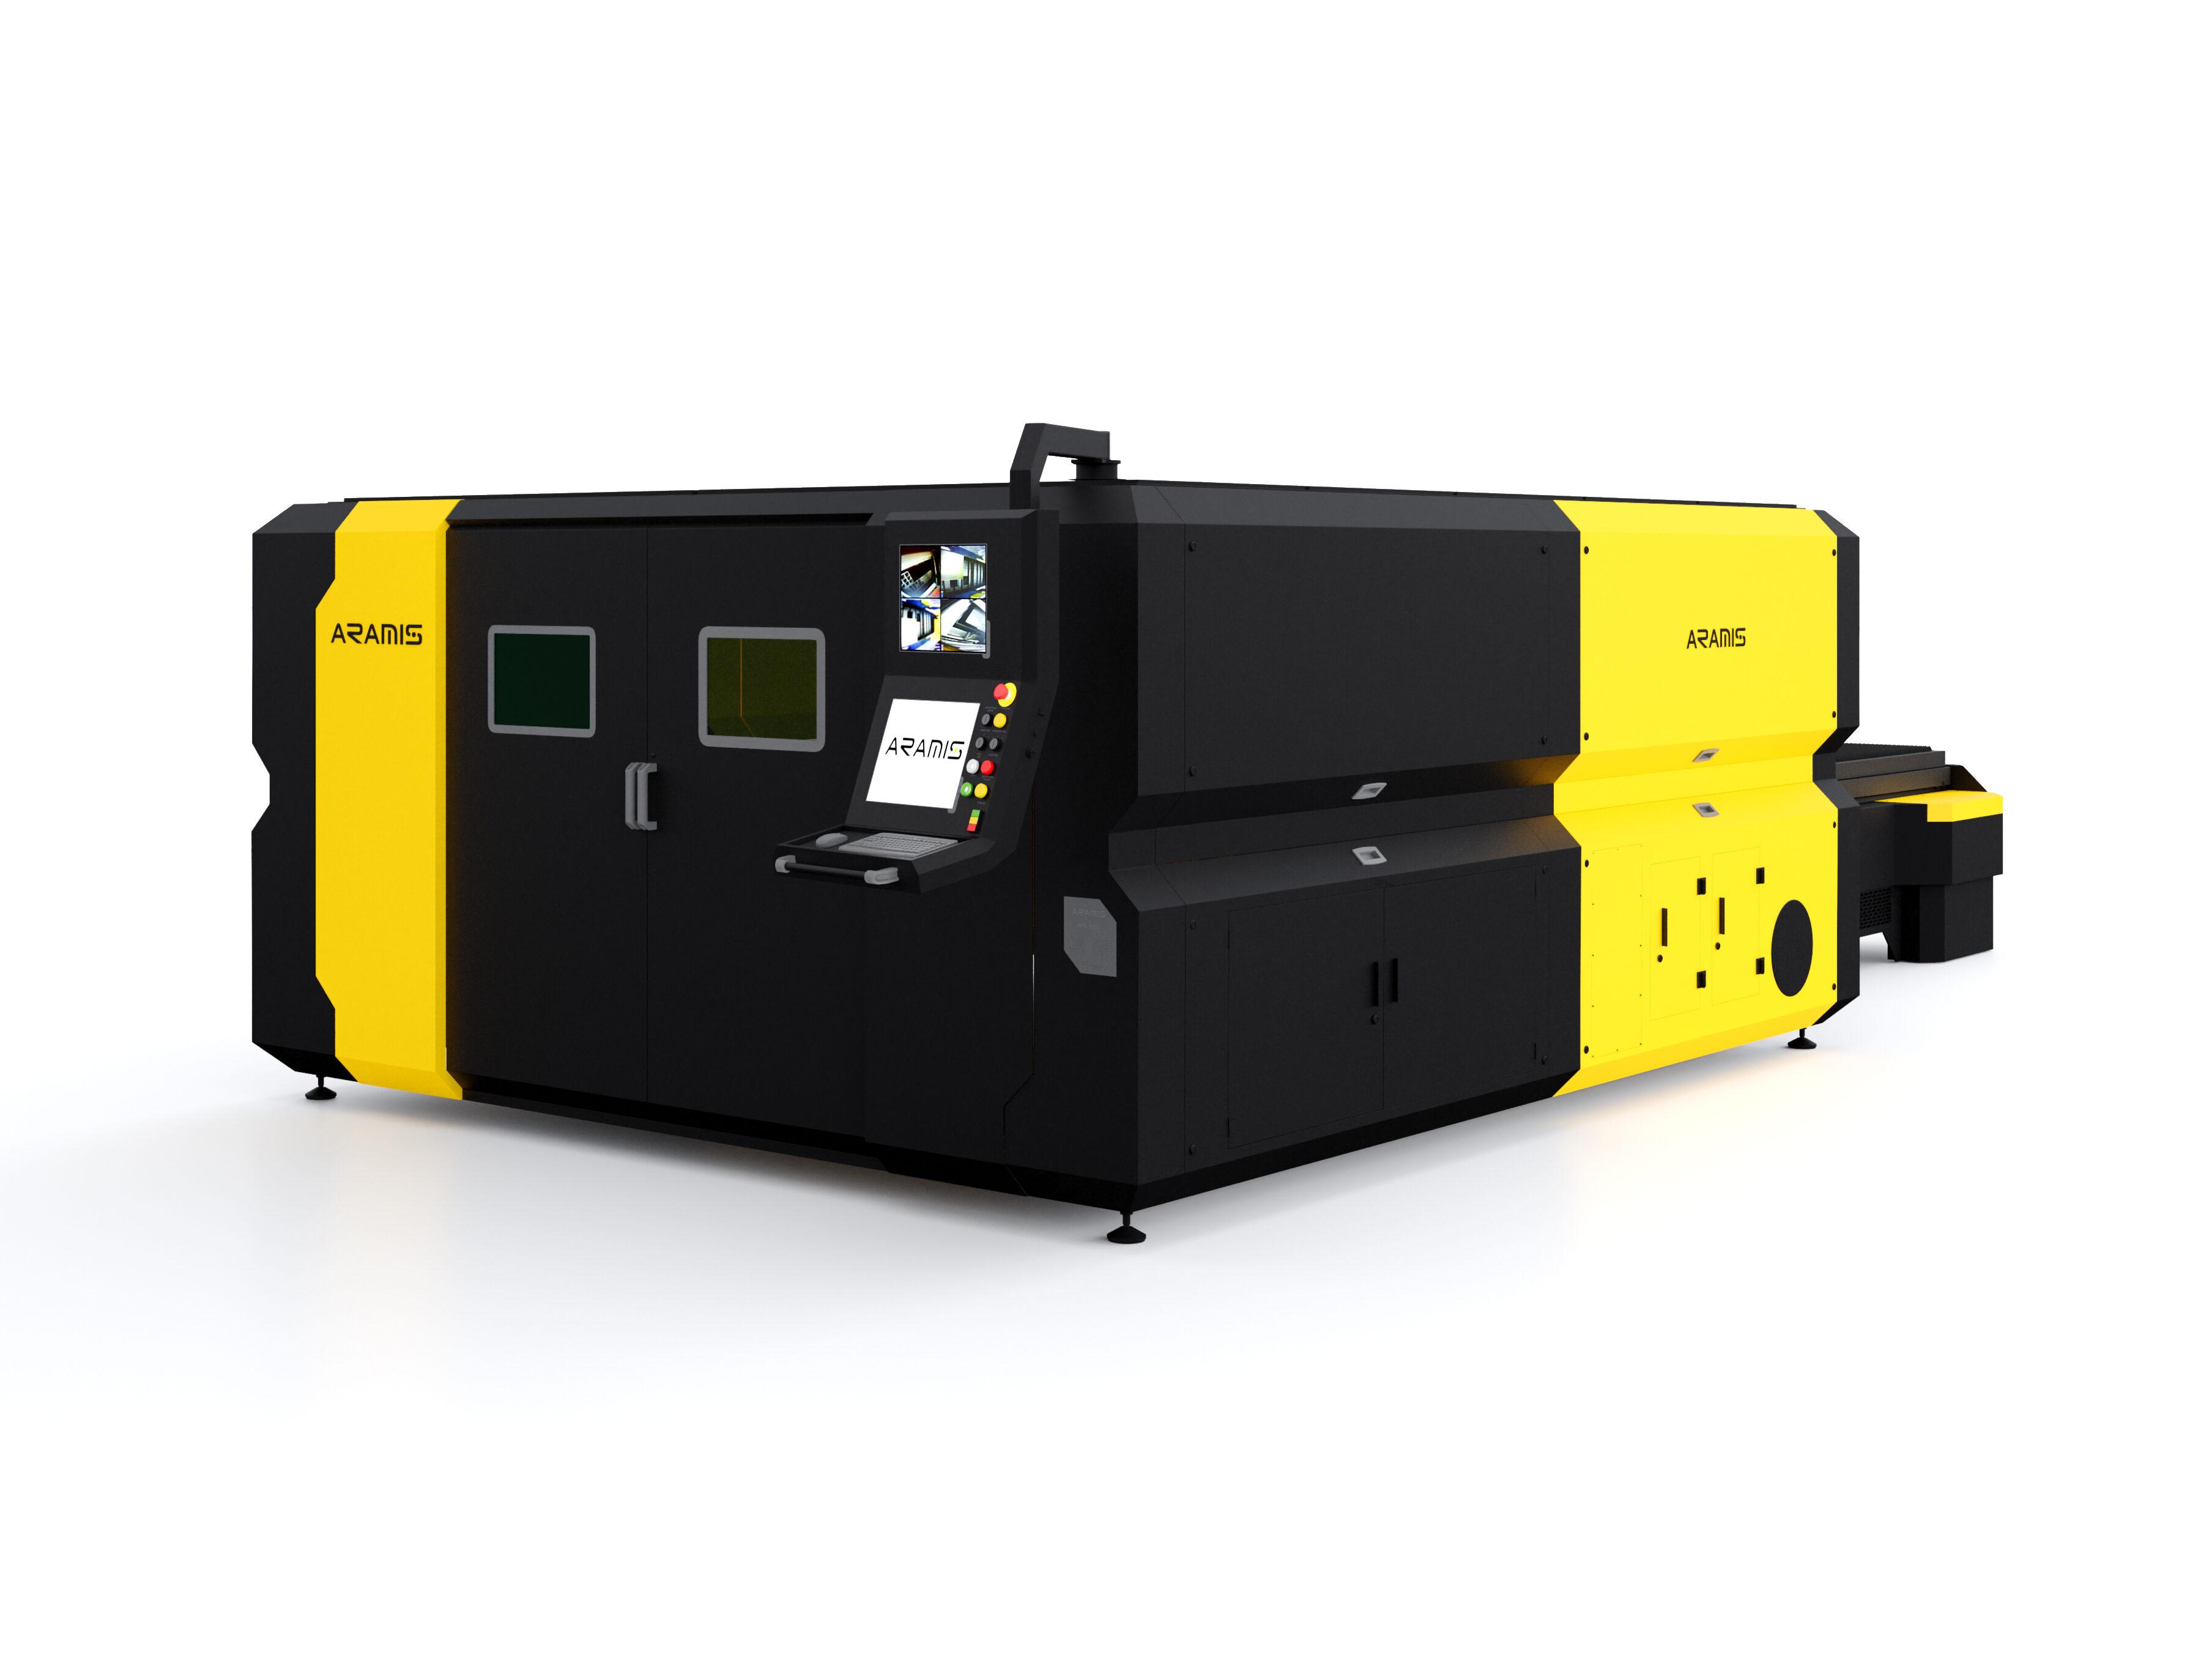 Зовнішній вигляд лазерного технологічного комплексу серії AFX-PRO